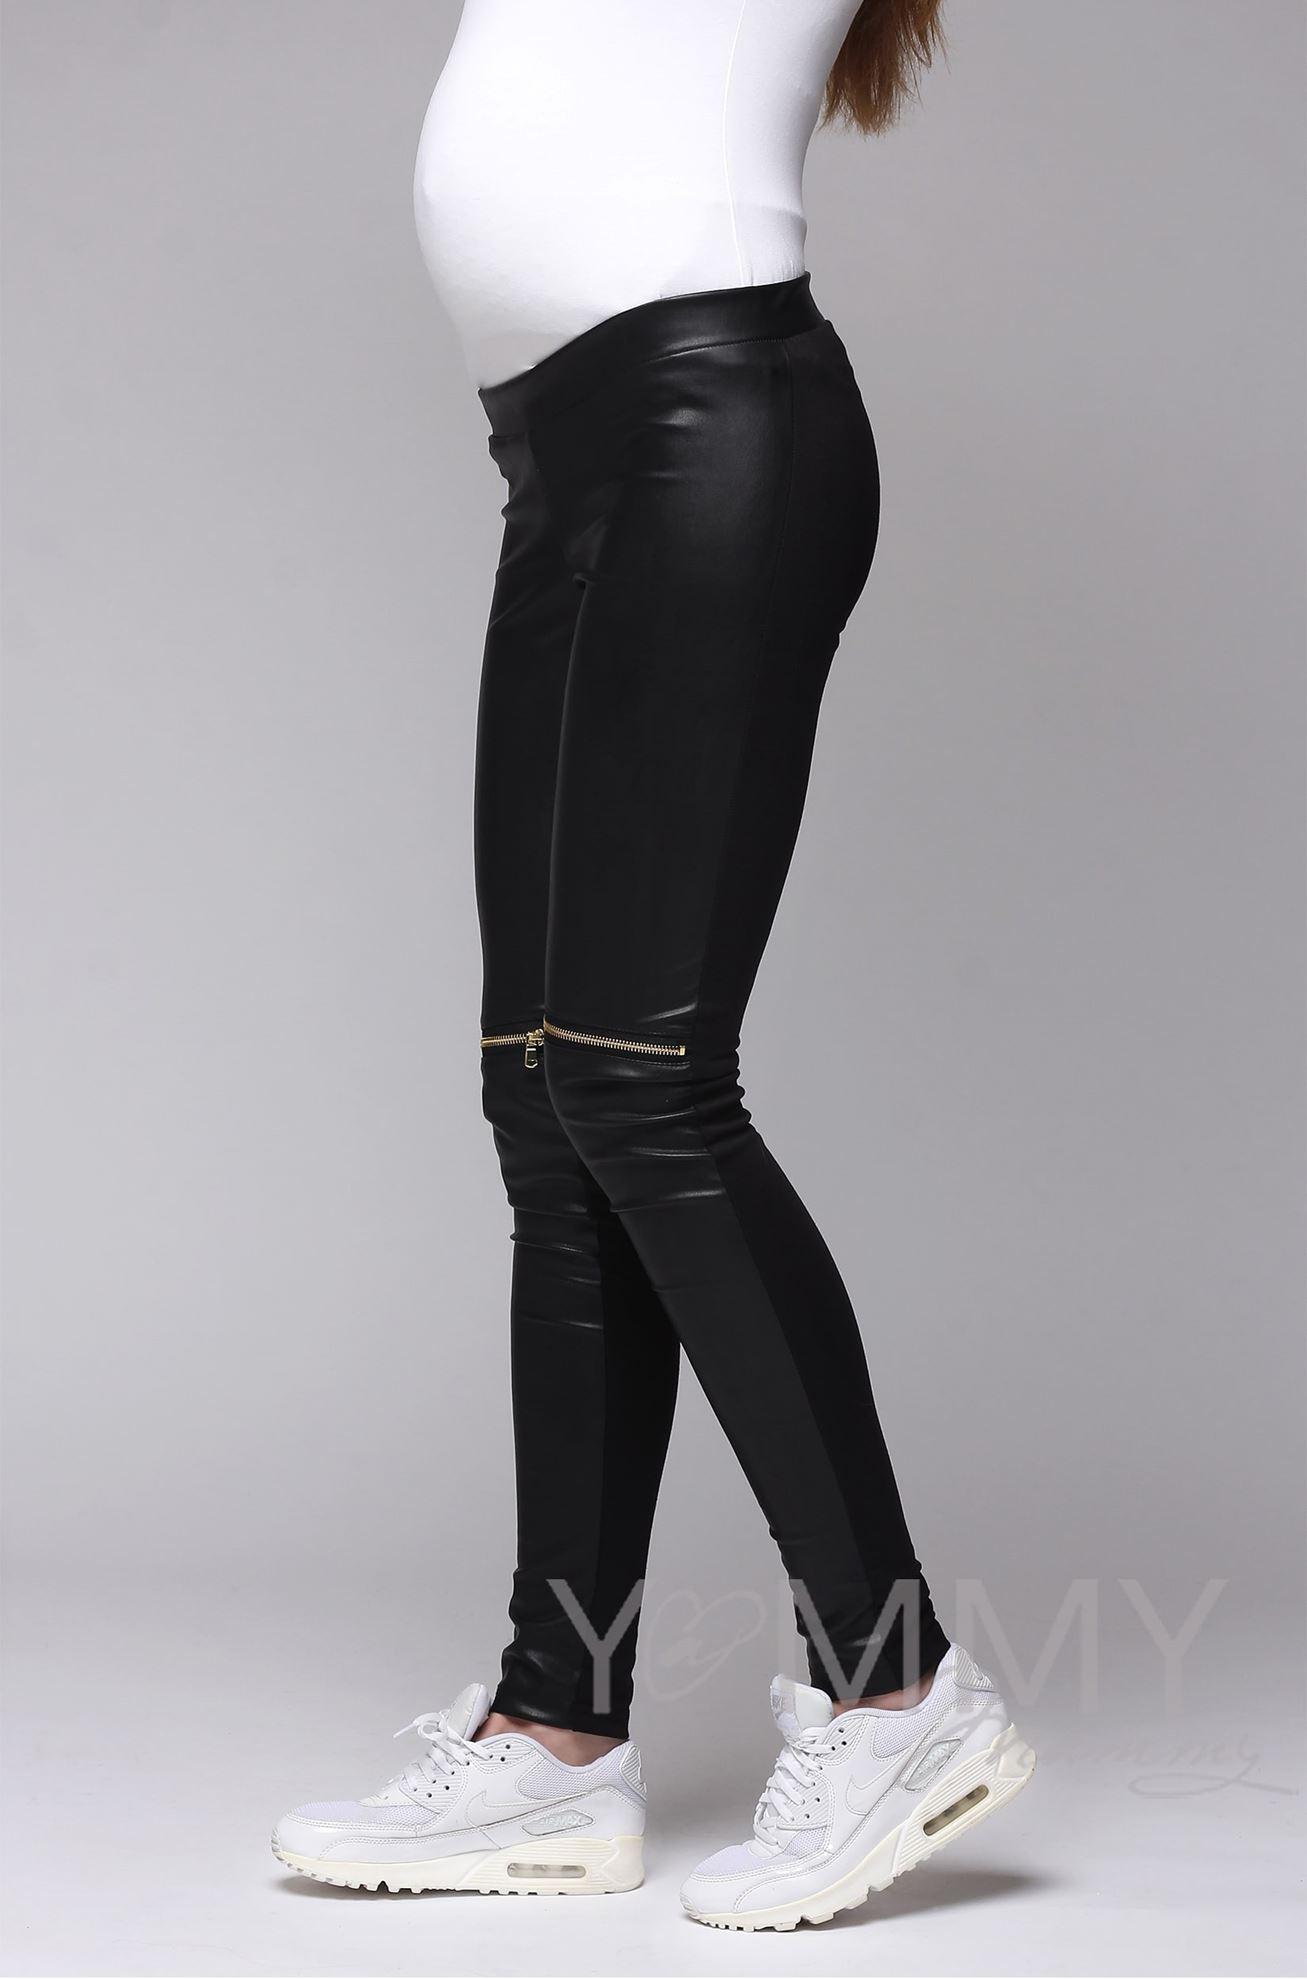 Изображение                               Универсальные брюки из эко-кожи черные с декоративными молниями